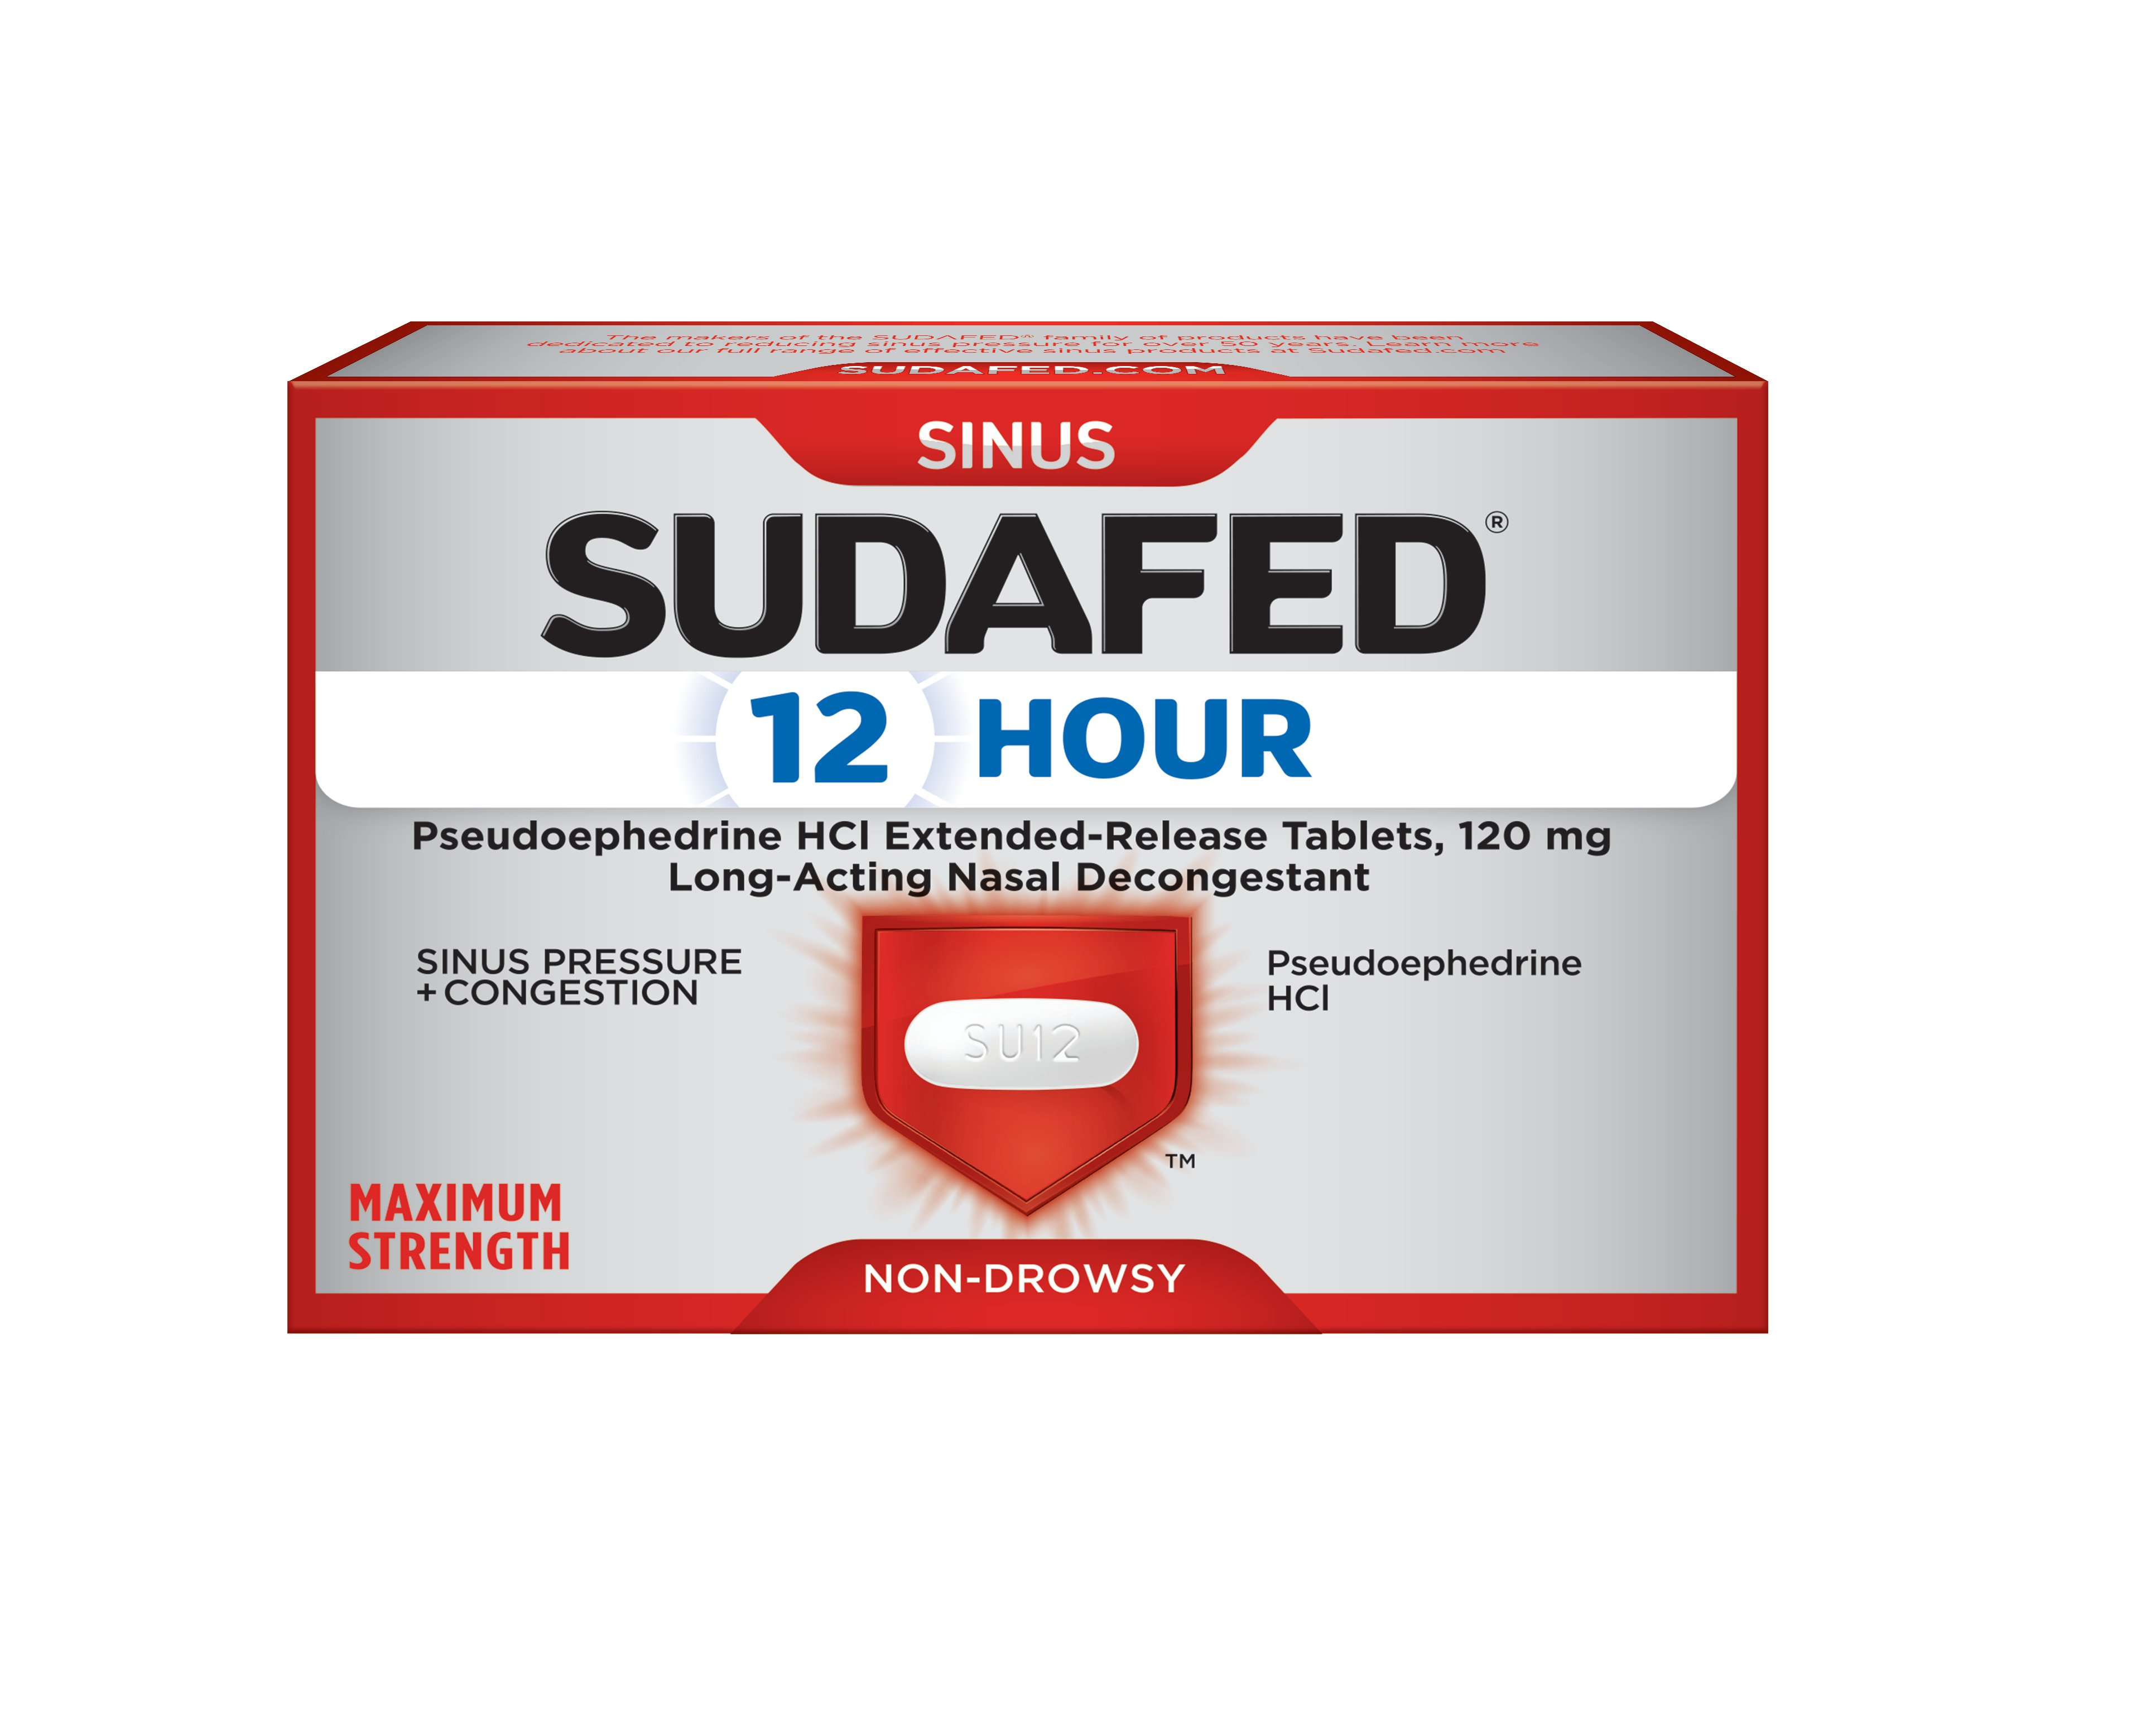 SUDAFED 12 Hour